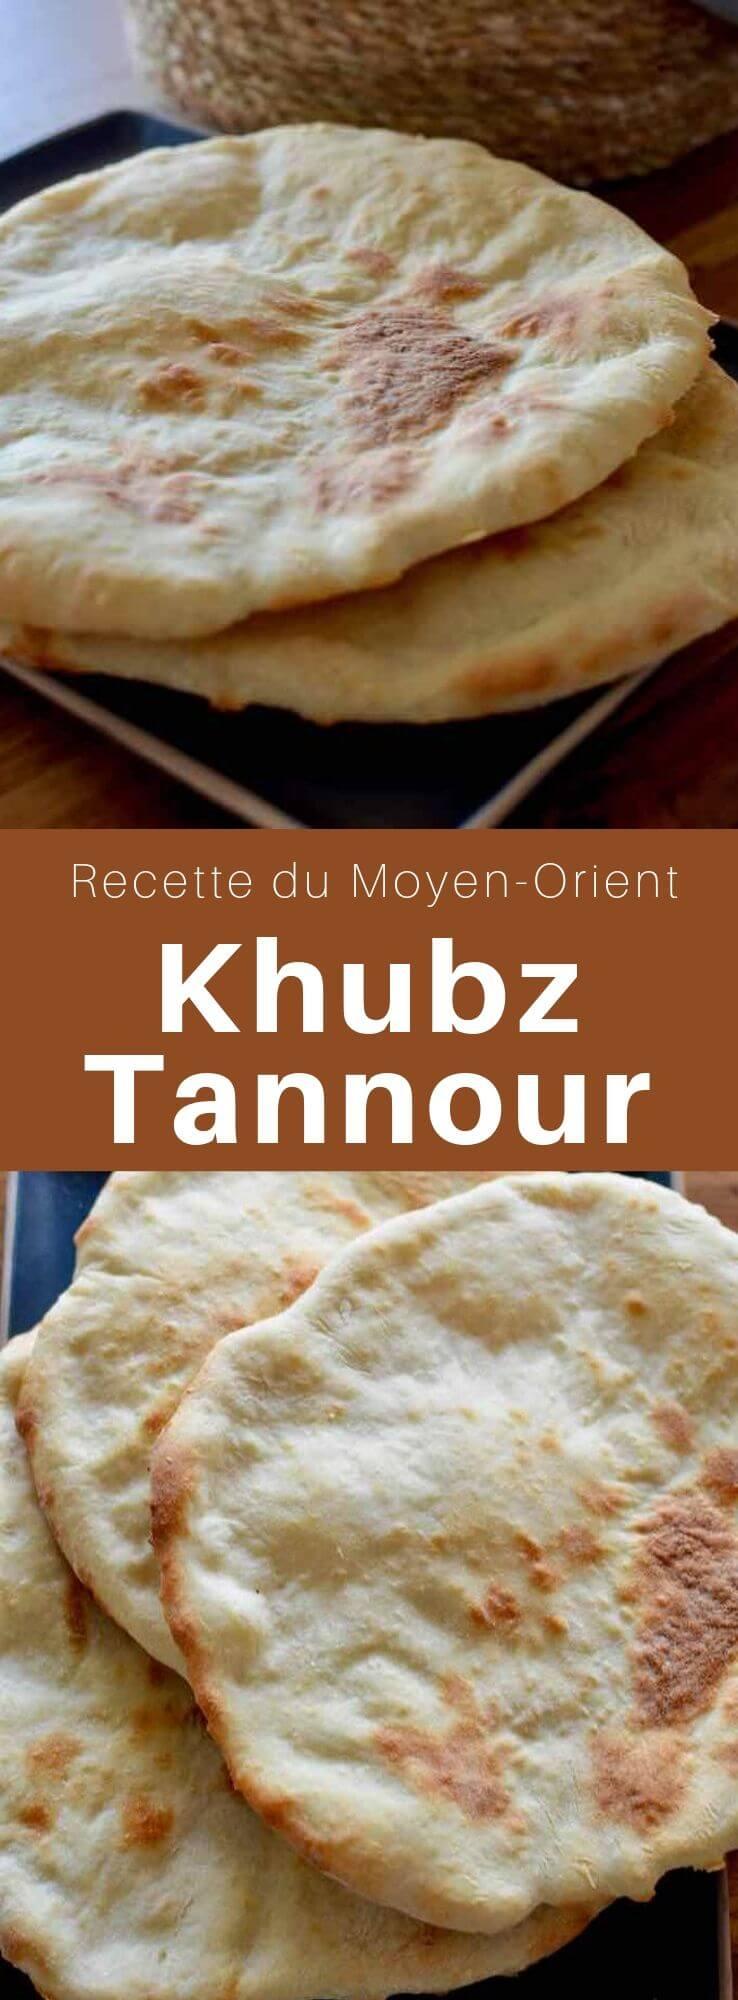 Le khubz tannour un pain plat traditionnel réputé en Irak mais également dans le Moyen-Orient. Il est à l'origine cuit dans un four en dôme en argile appelé tannour mais peut également être cuit au four traditionnel. #Irak #RecetteIrakienne #CuisineIrakienne #CuisineDuMonde #196flavors